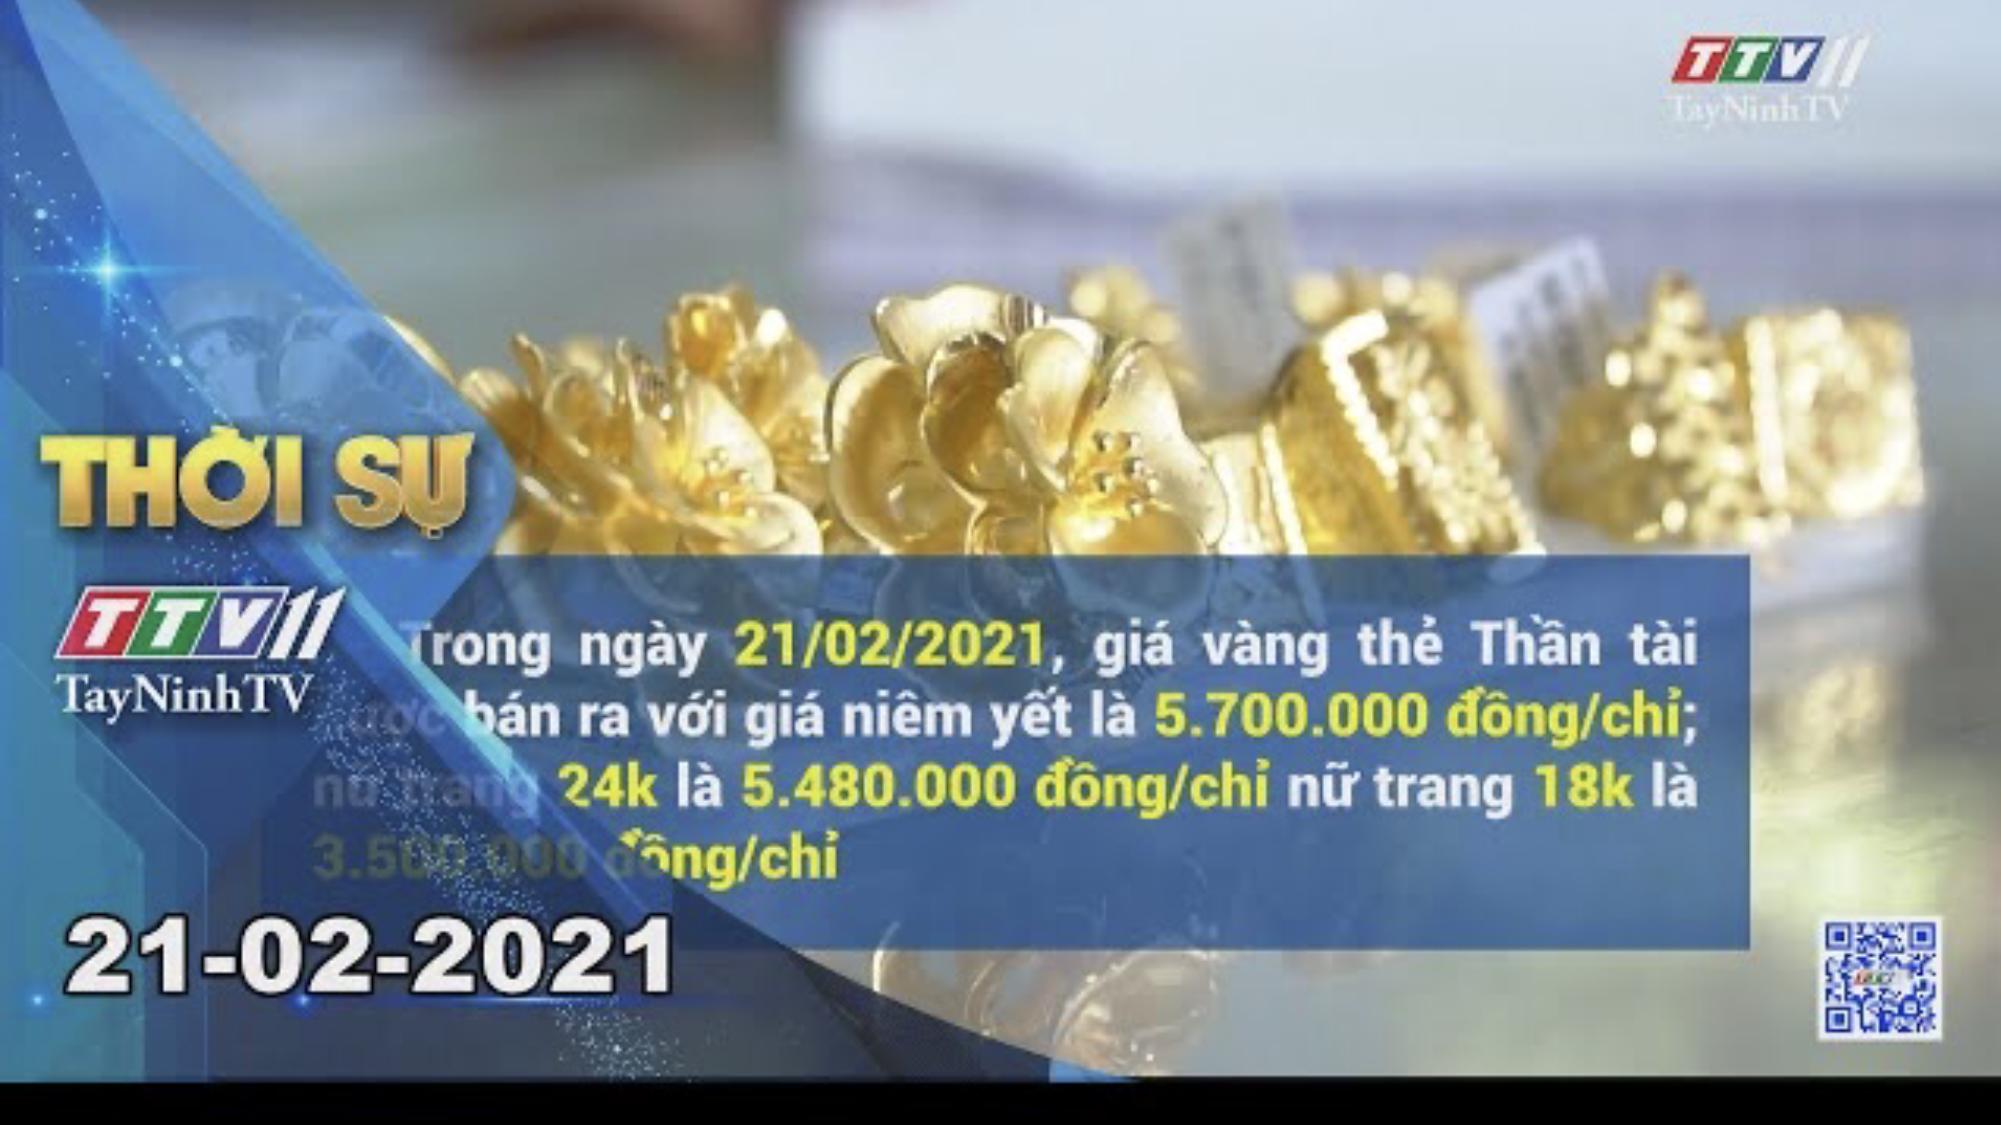 Thời sự Tây Ninh 21-02-2021 | Tin tức hôm nay | TayNinhTV